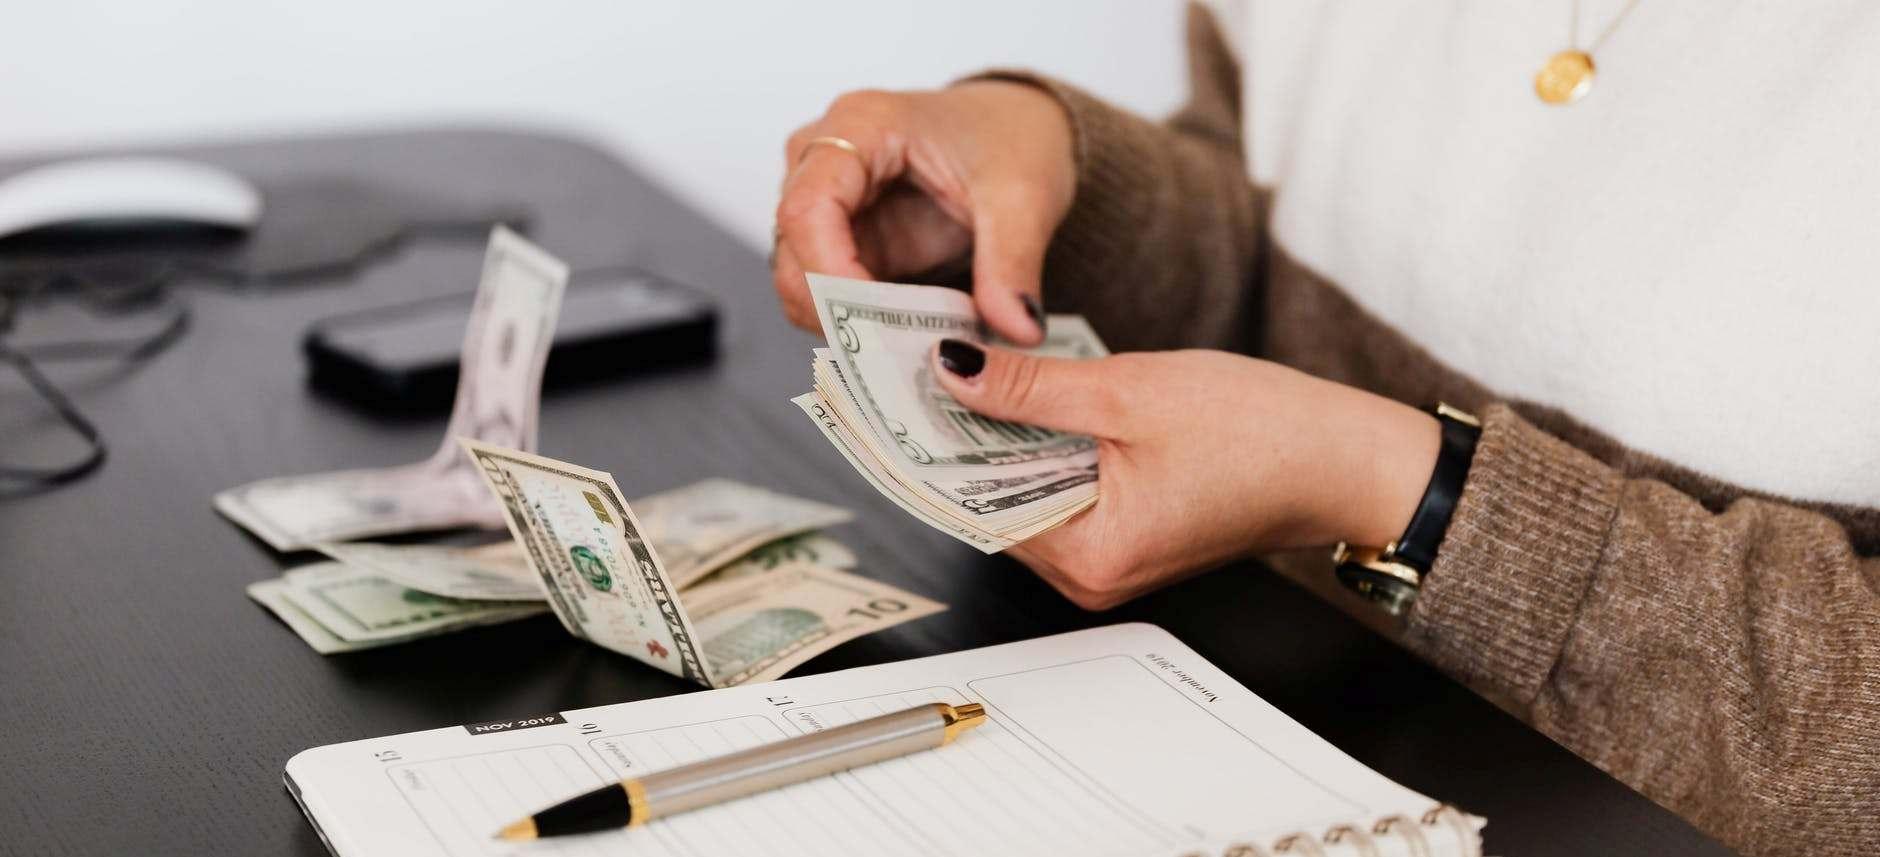 Задержка или невыплата заработной платы: алгоритм действий.